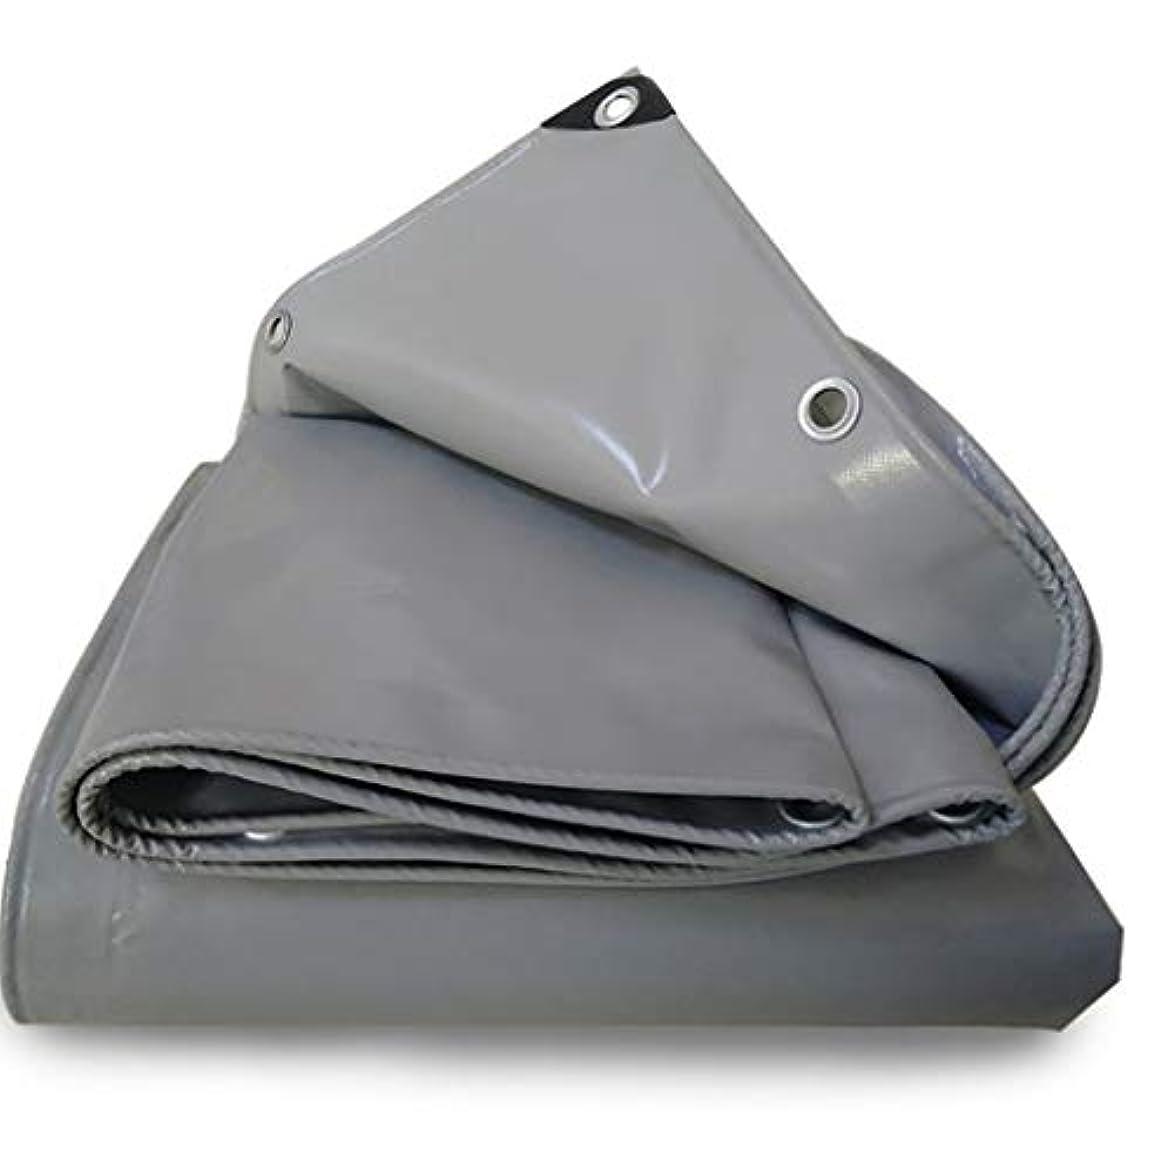 マイコン褐色ロードハウスタープ 防水シートカバー付きアイレットプラスサイズ、日焼け止め防水シートカーテンコンパクトルーフスムース、グレー テント (Color : Gray, Size : 6×7M)